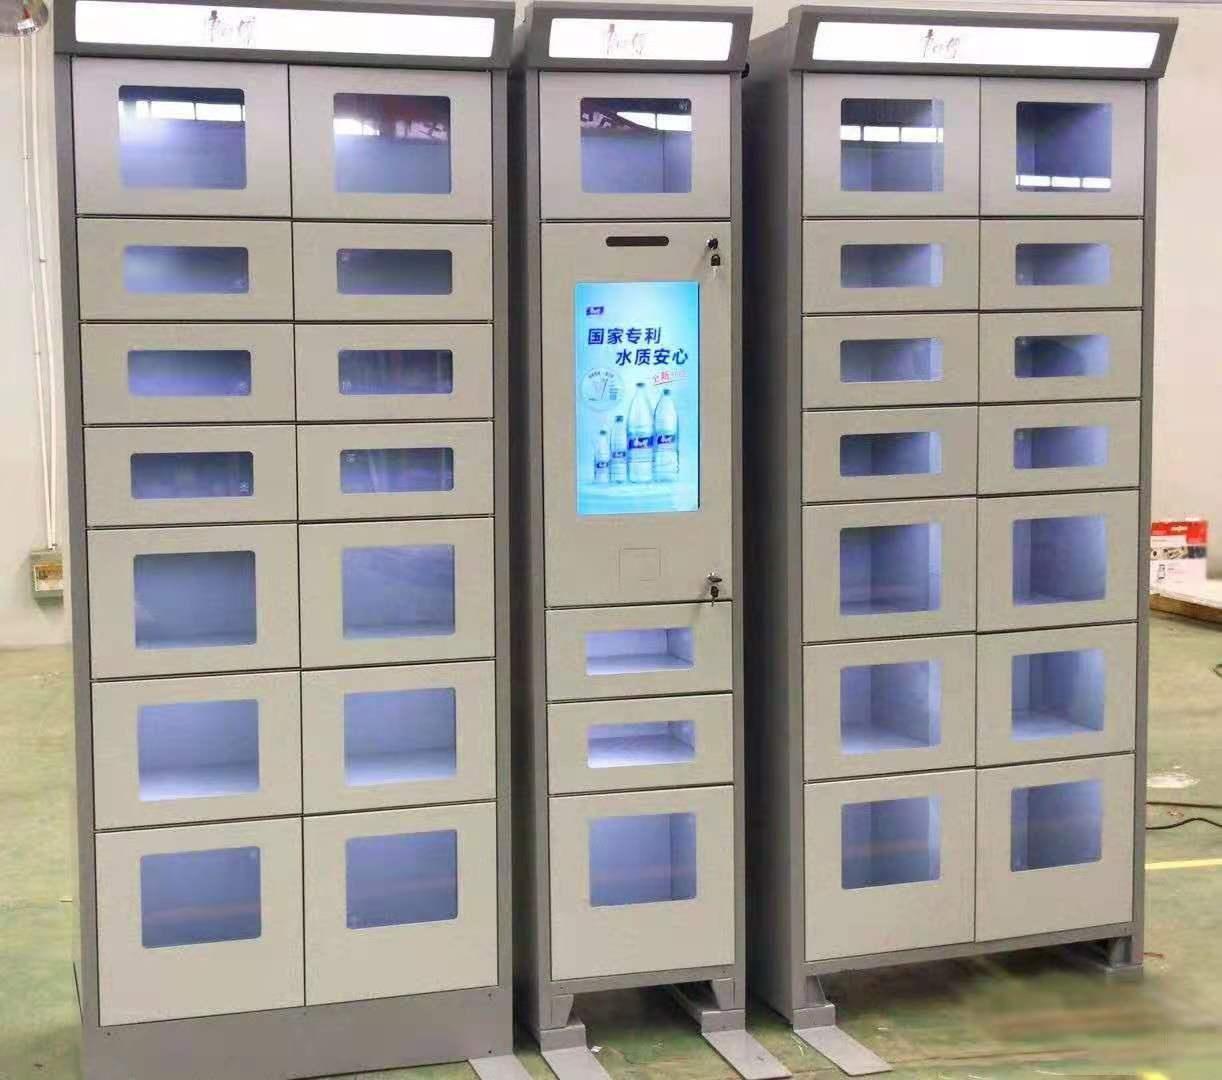 Торговый автомат, контроллер материнской платы, плата управления мотором, печатная плата может управлять 100 моторами в торговом автомате